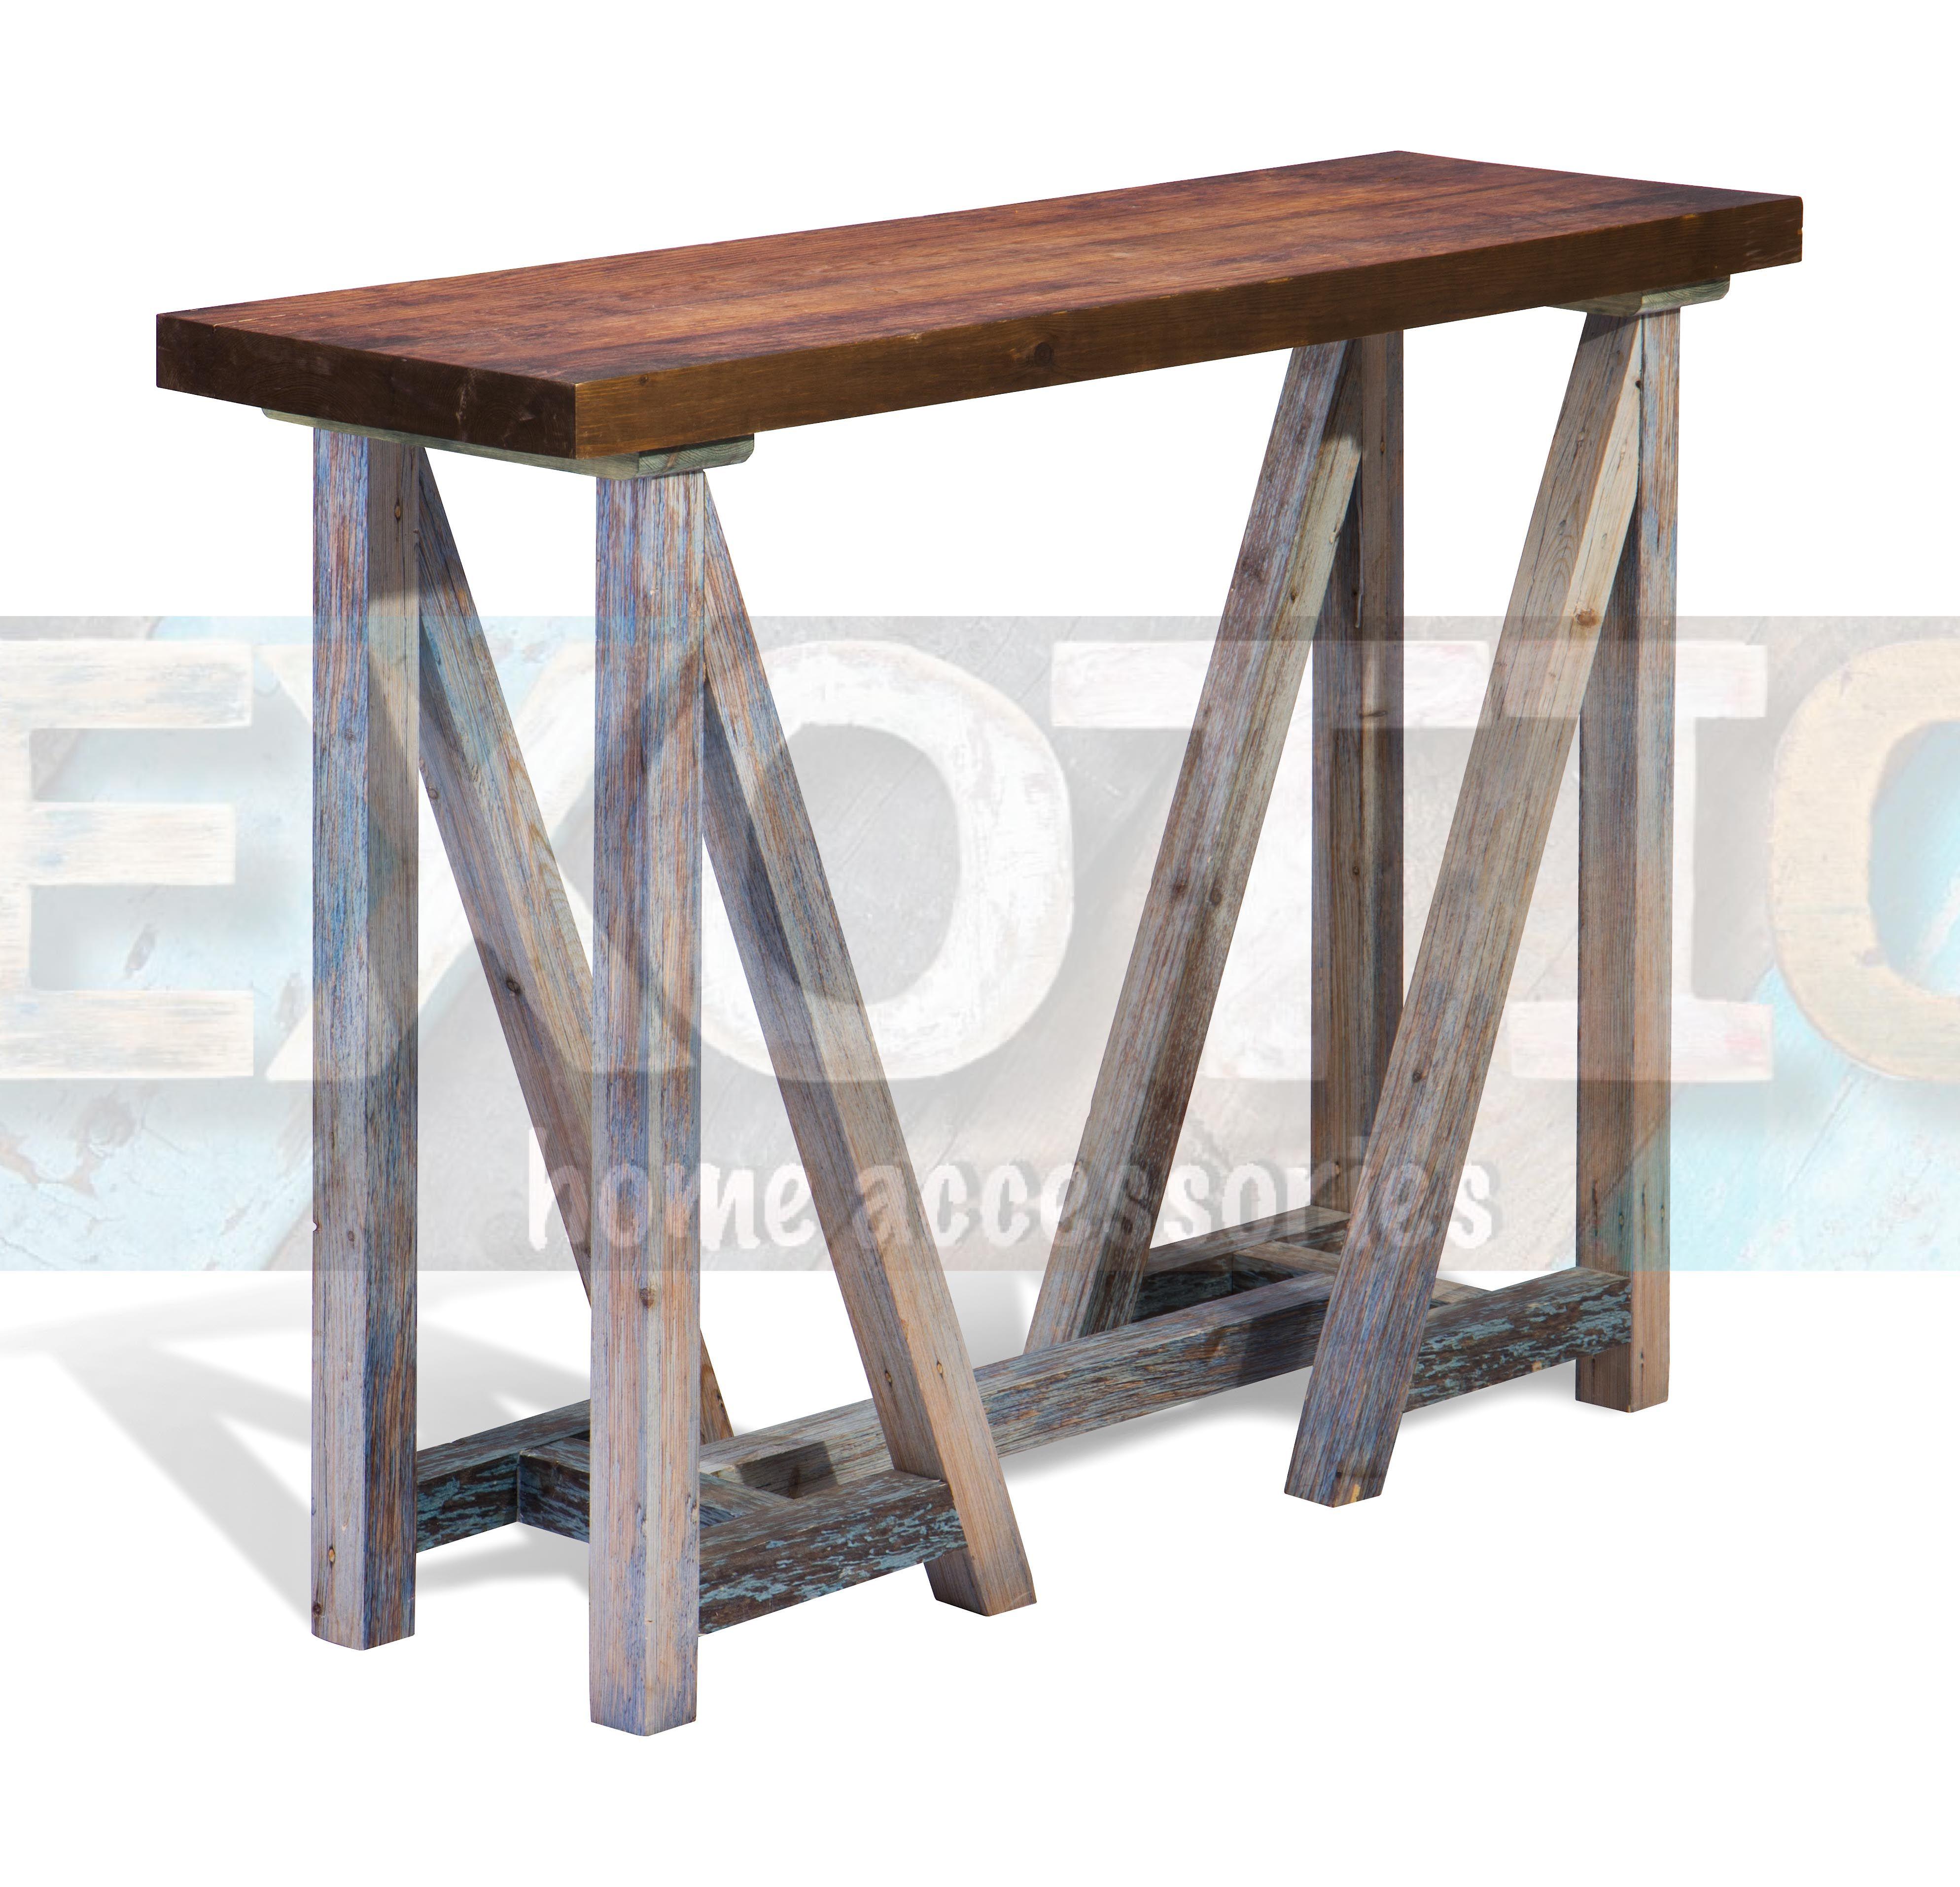 نوع المنتج ترابيزة كونسول خشب بني مطبوعة عالية أرجل رمادي اللون بني رمادي المقاس 85 سم 35 سم 120 سم Bar Table Table Entryway Tables